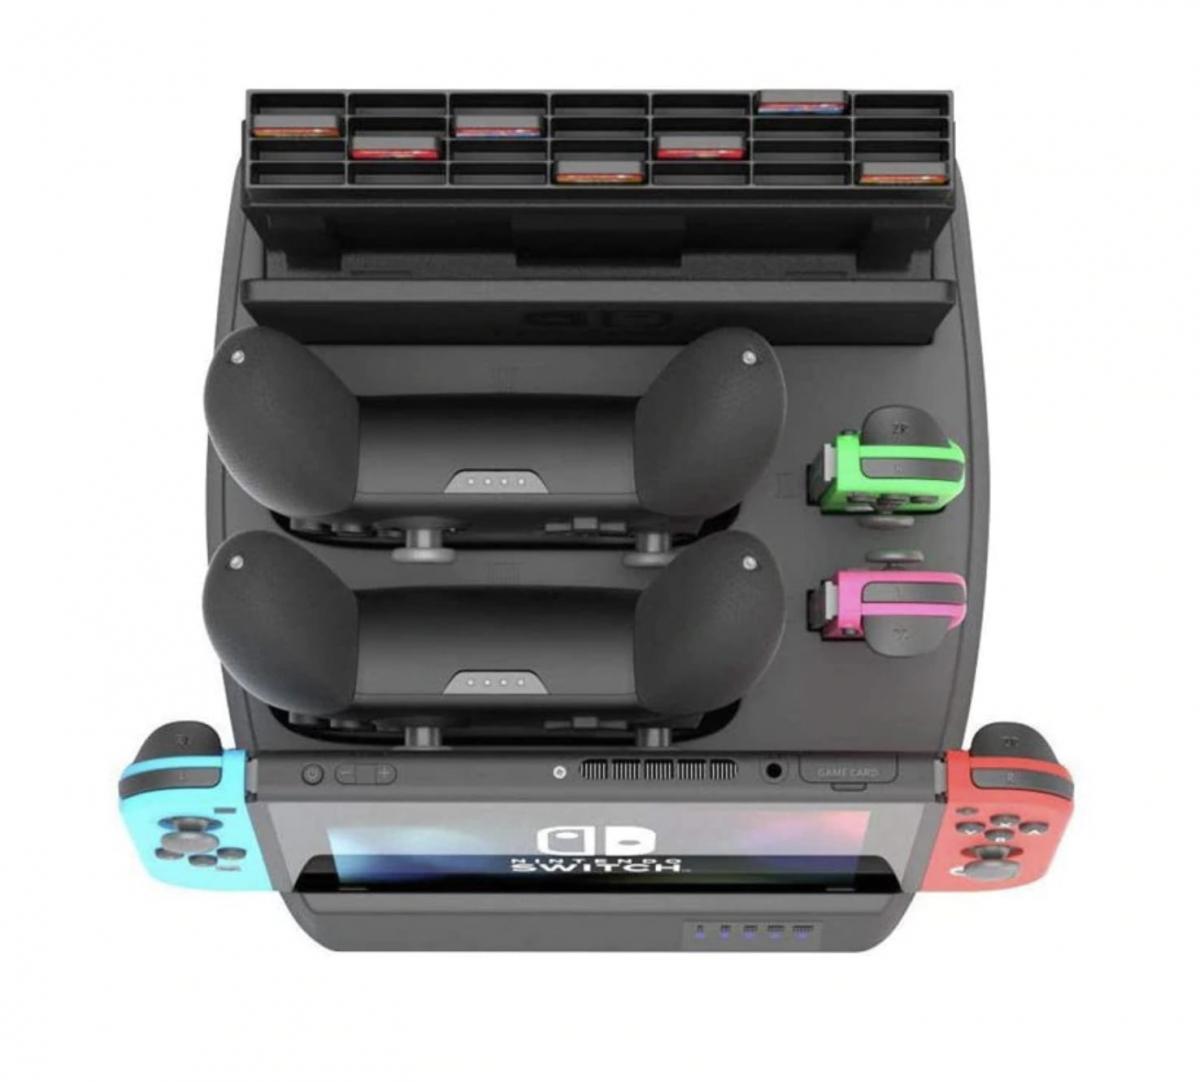 Подставка для зарядки Nintendo Switch и аксессуаров, зарядка joy-cons и pro контроллеров, 4 в 1 универсальная зарядка для нинтендо свитч, джойконов и контроллеров гемйпадов